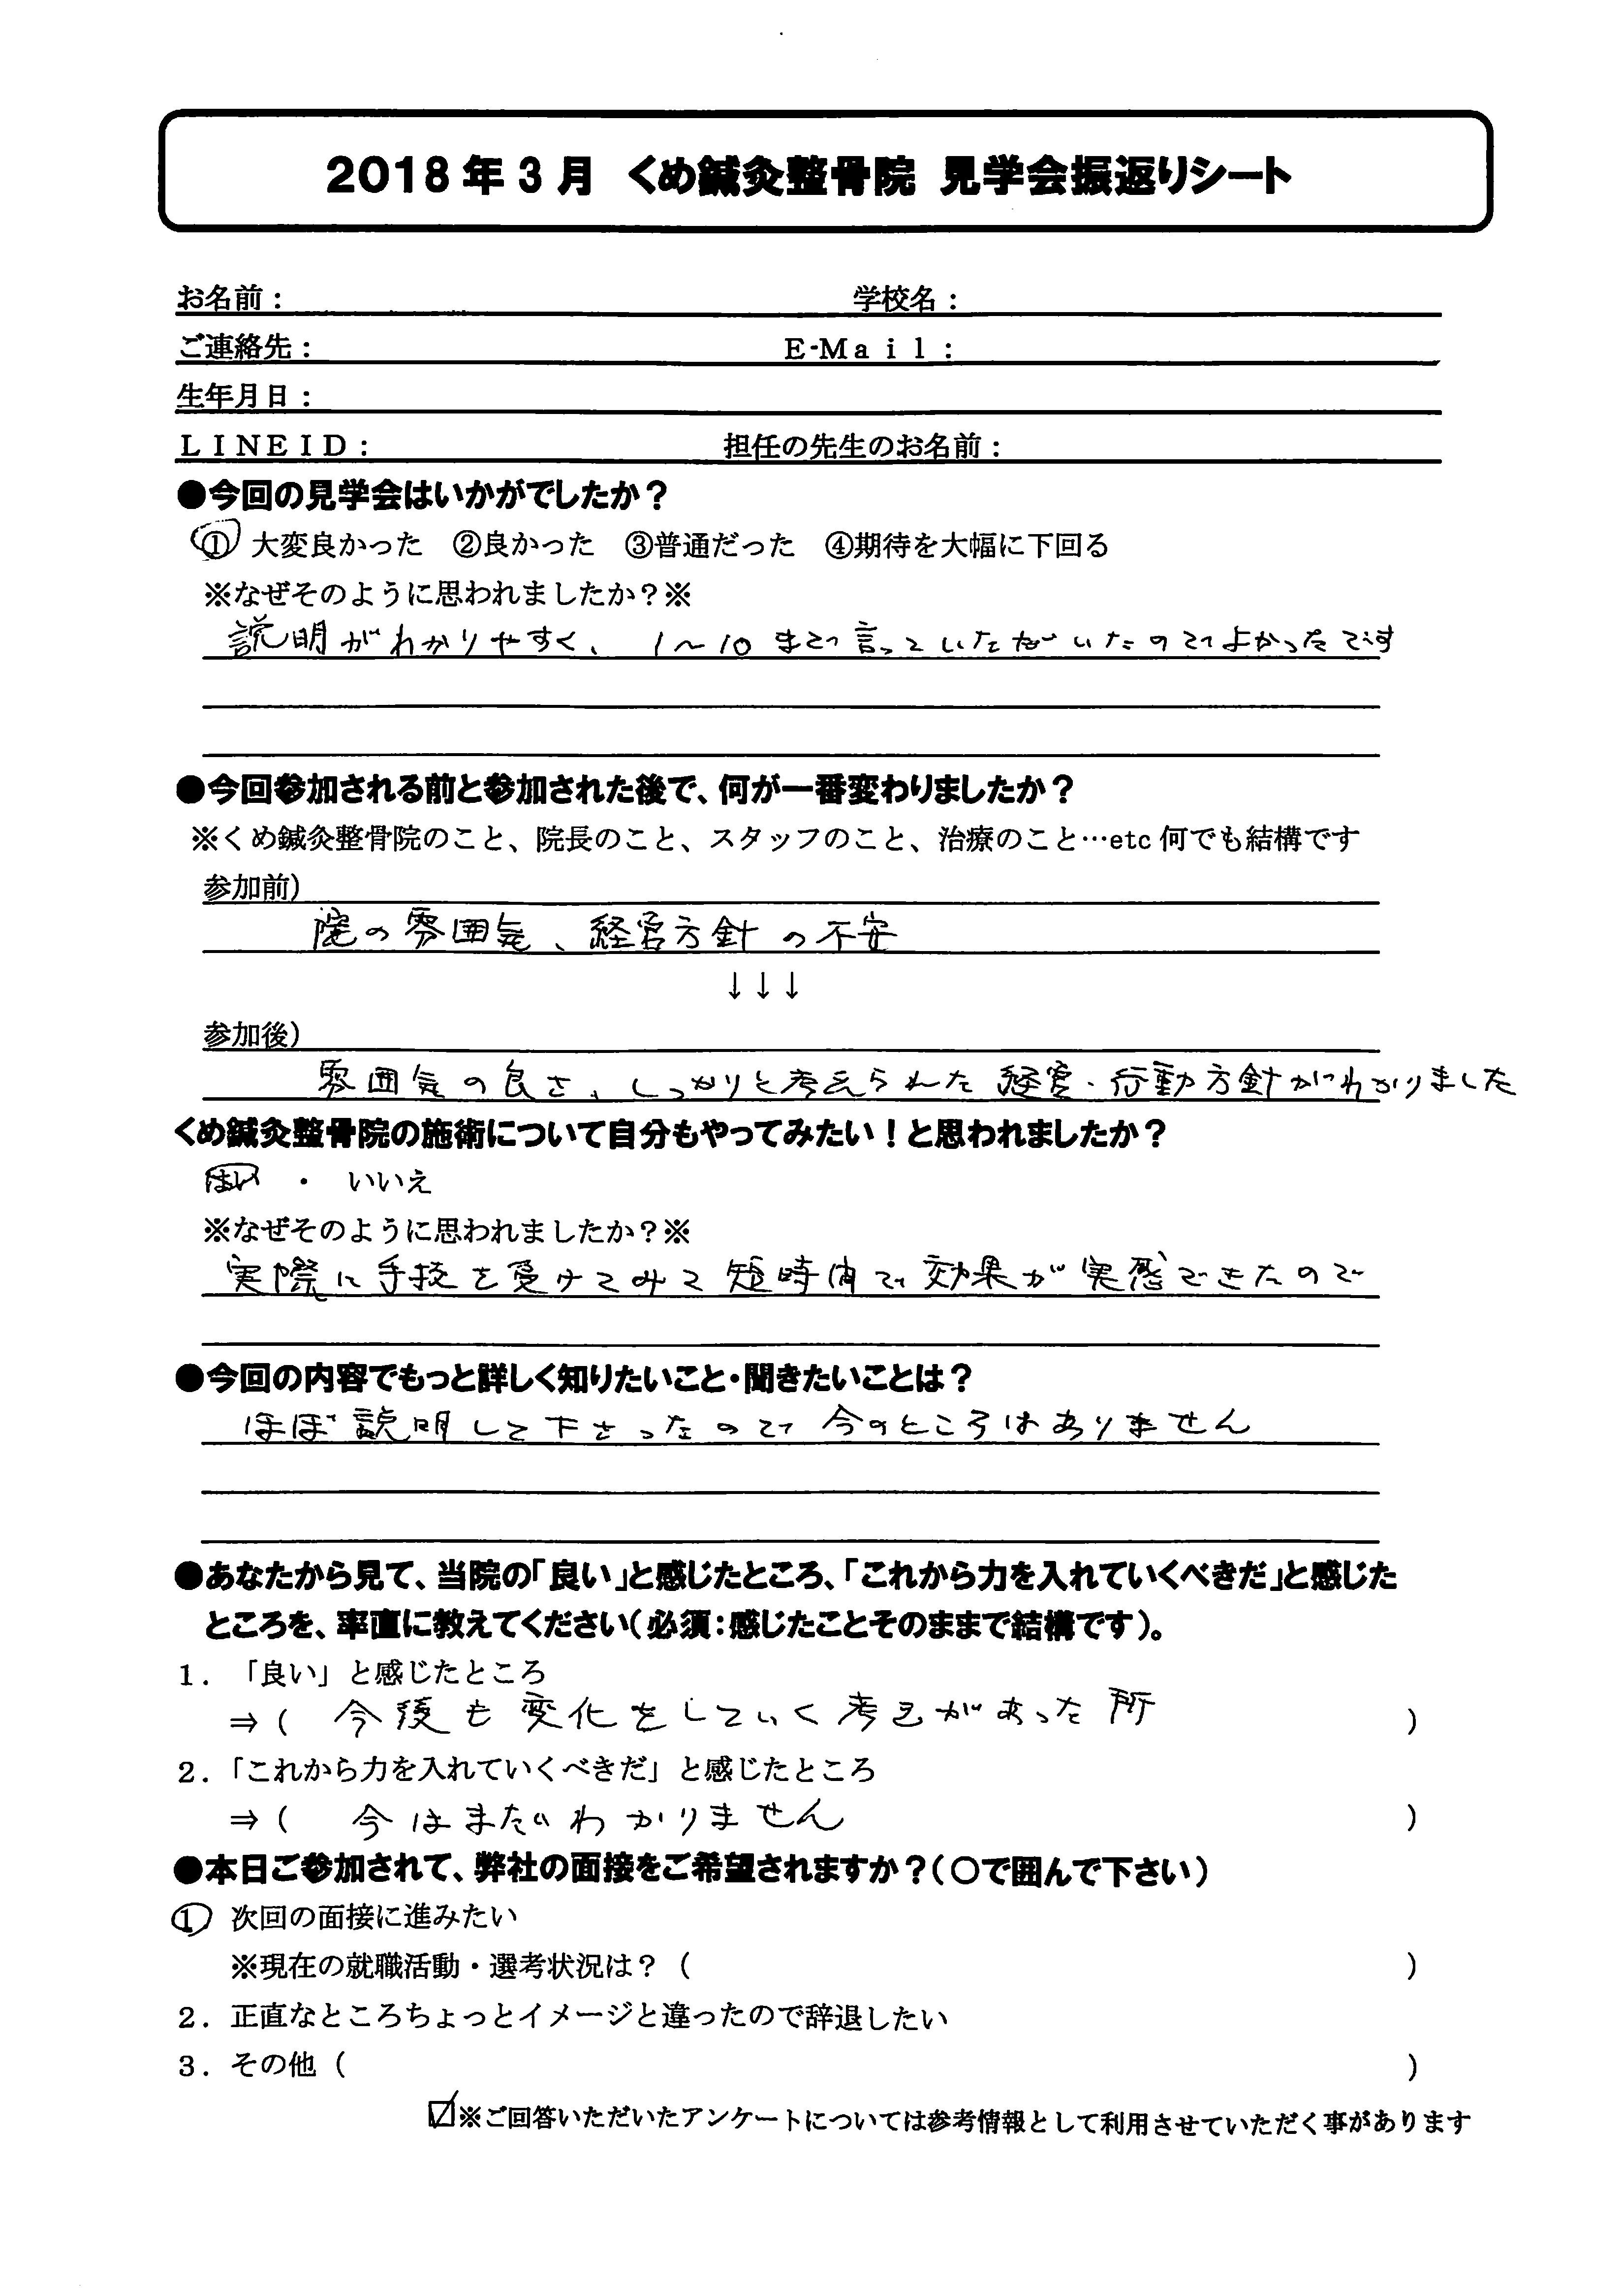 大阪で柔道整復師,鍼灸師として働くならくめ鍼灸整骨院!やりがいのある職場を目指しています!